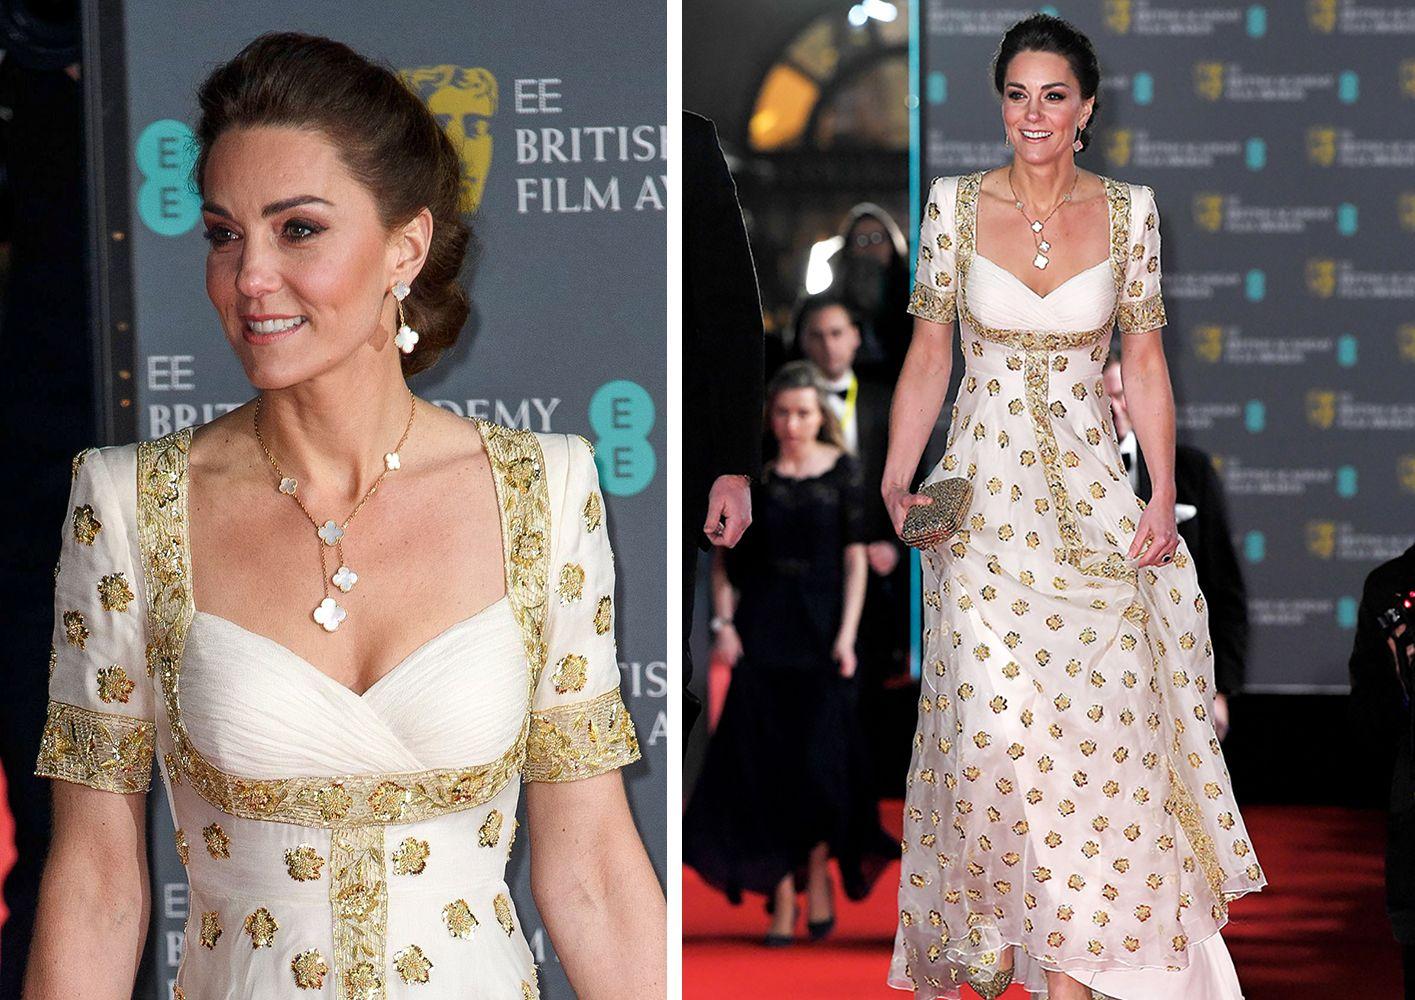 凱特王妃舊衣新穿巧搭Van Cleef & Arpels幸運珠寶,再次驚艷英國電影學院獎BAFTA紅毯!